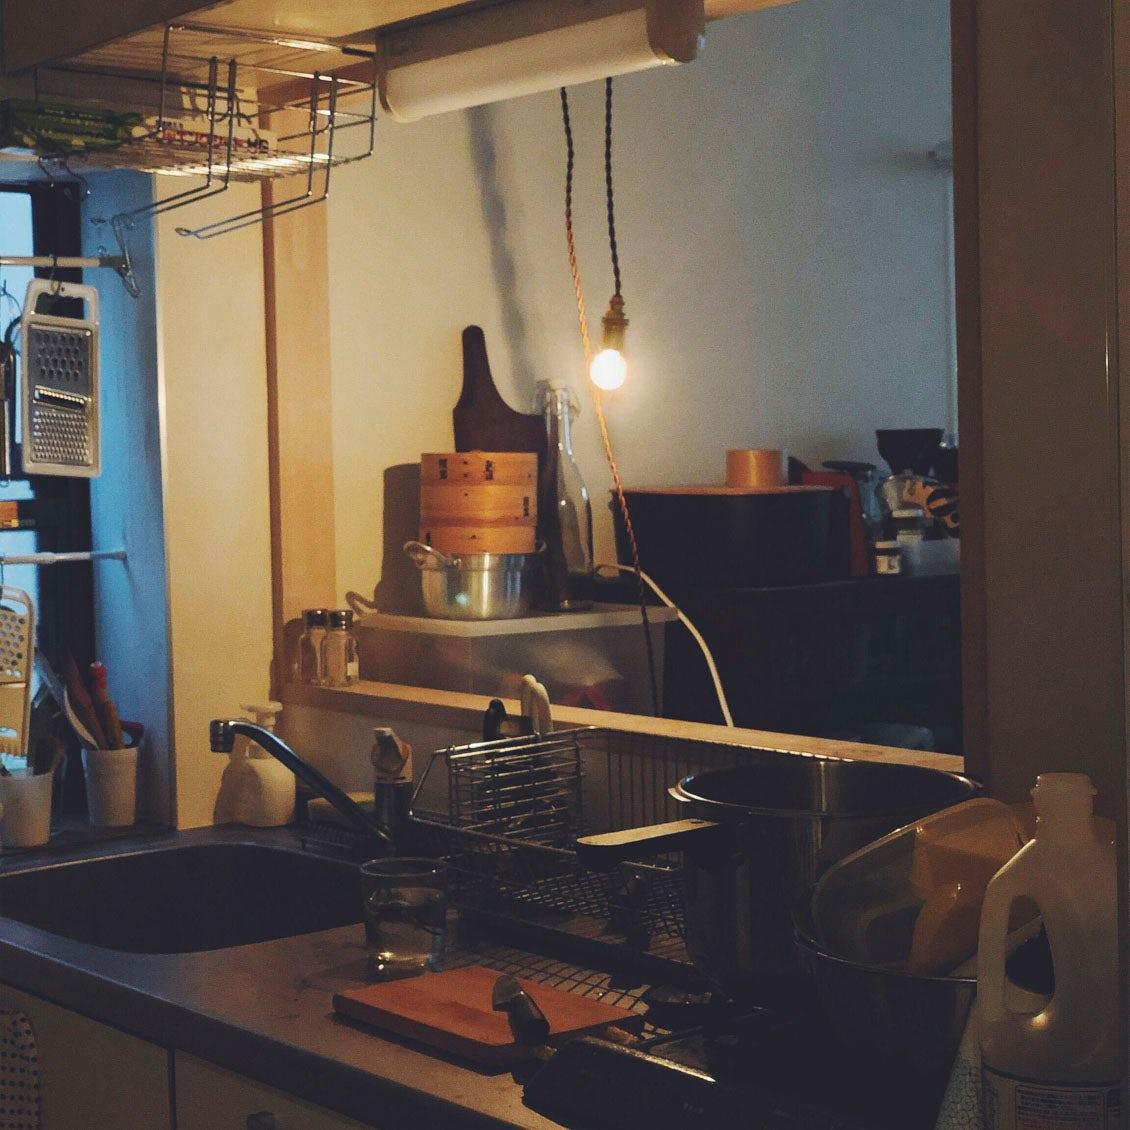 【スタッフの愛用品】マンネリを感じていた暮らしに、「ハンガーライト」を灯してみたら